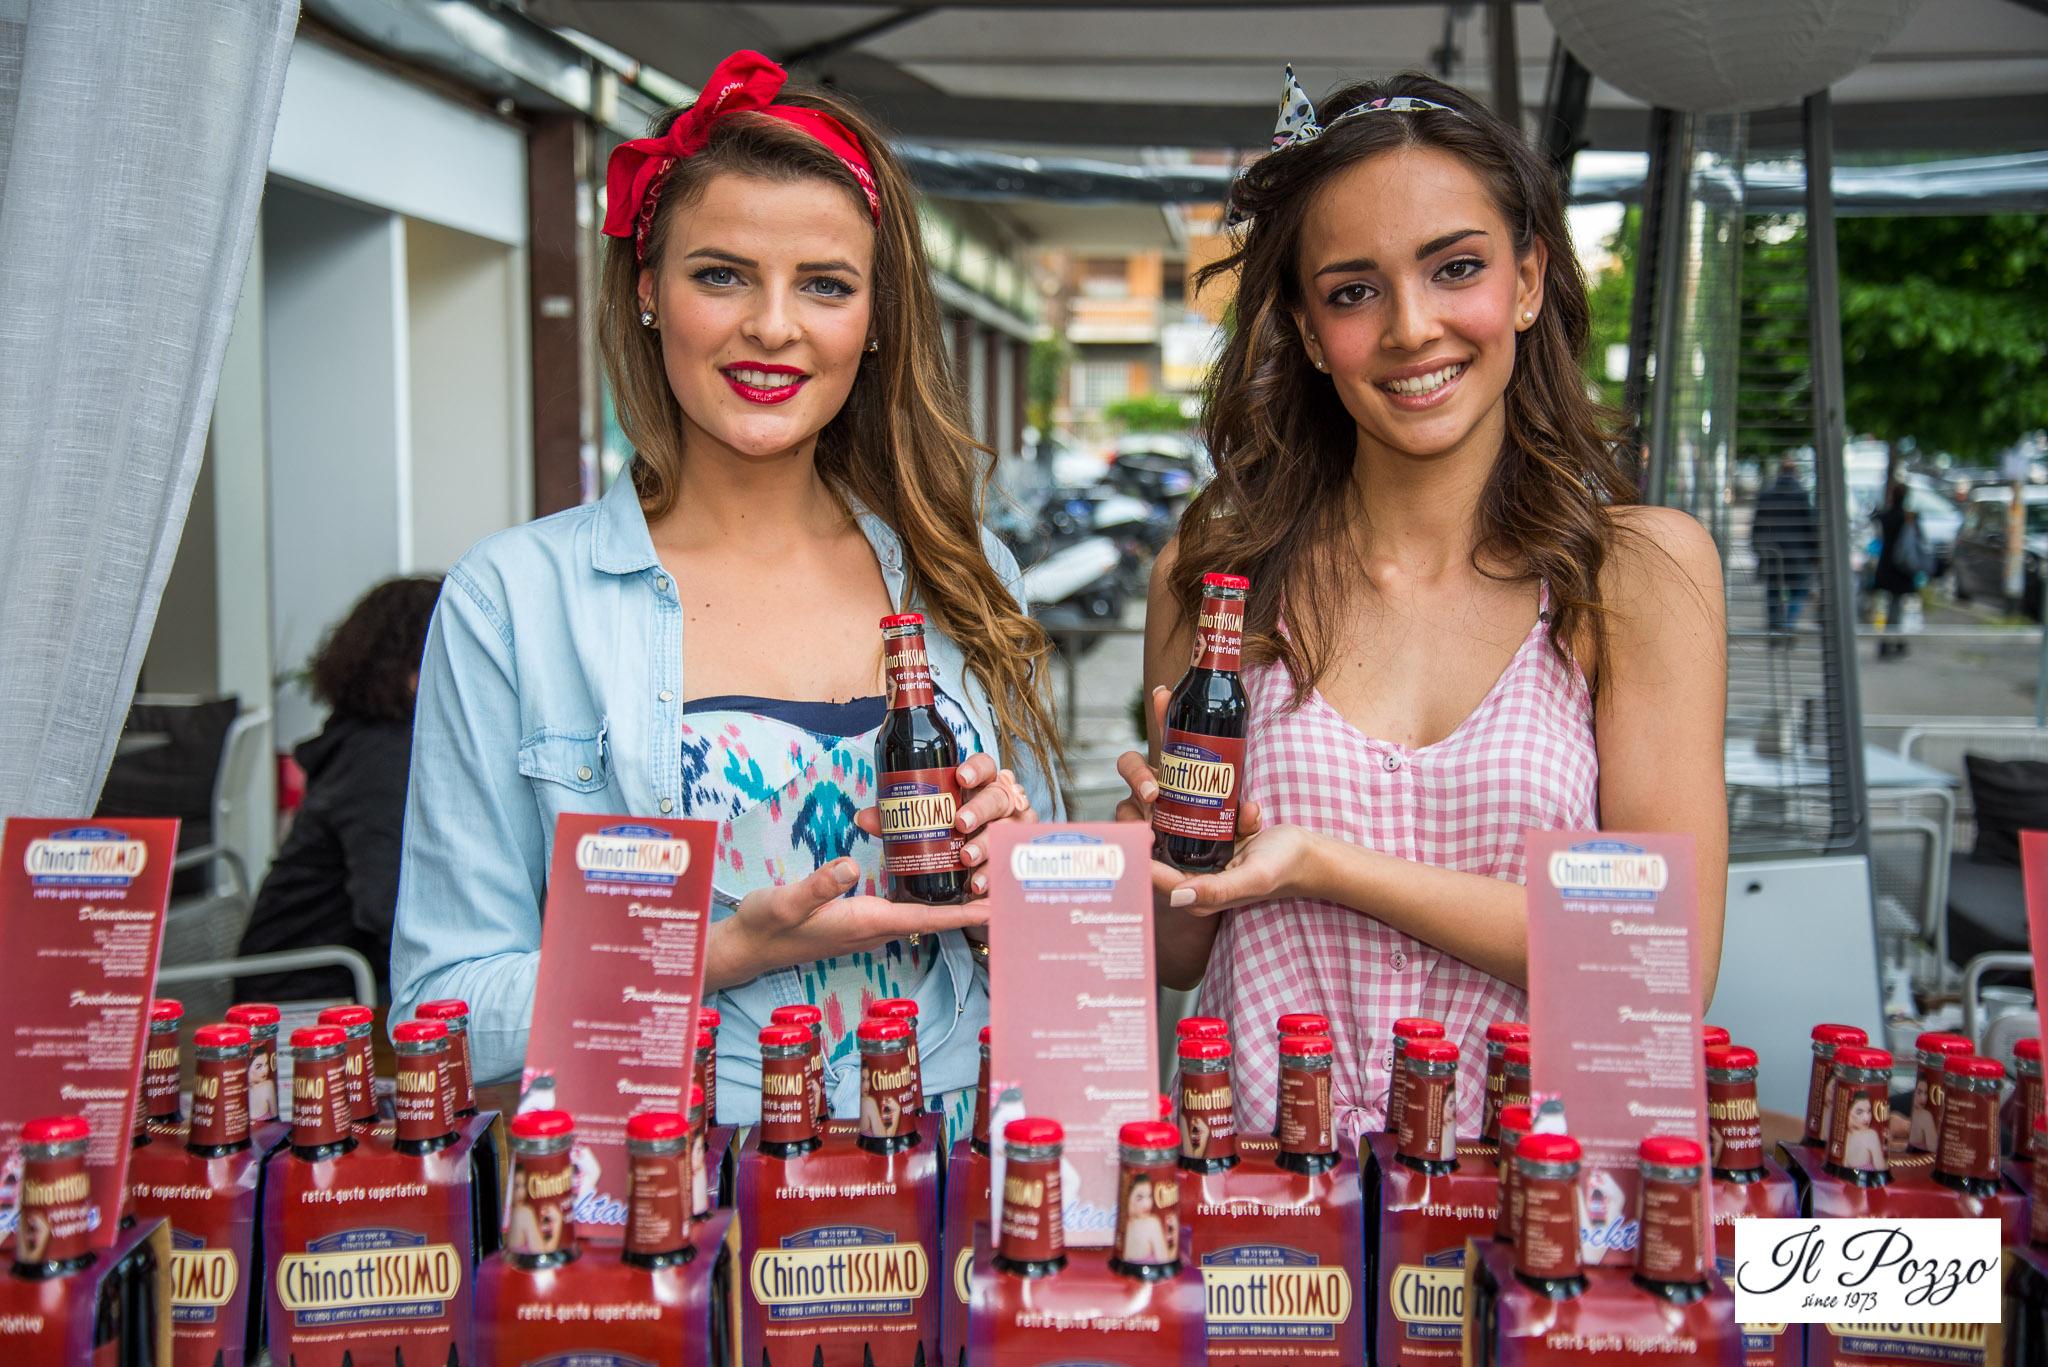 Alla Fiera Mastro birraio di Santa Lucia di Piave, la birra incontra il chinotto!